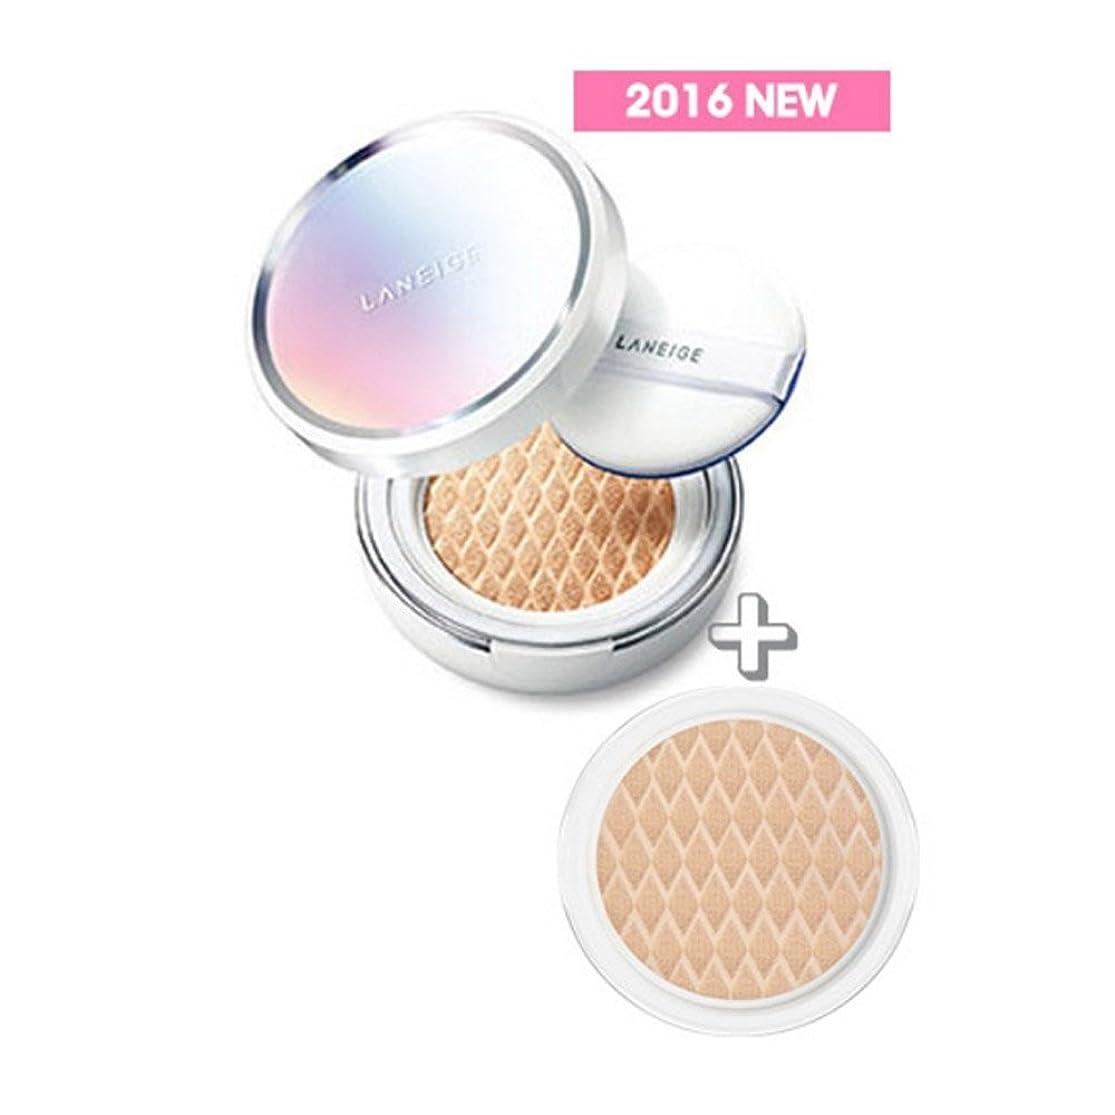 """振る舞いブレス順応性"""" 2016 NEW """" LANEIGE BB Cushion [Whitening] 15g + Refill 15g (#23 Sand)/ラネージュ BBクッション [ホワイトニング] 15g + リフィル 15g (#23 Sand)"""